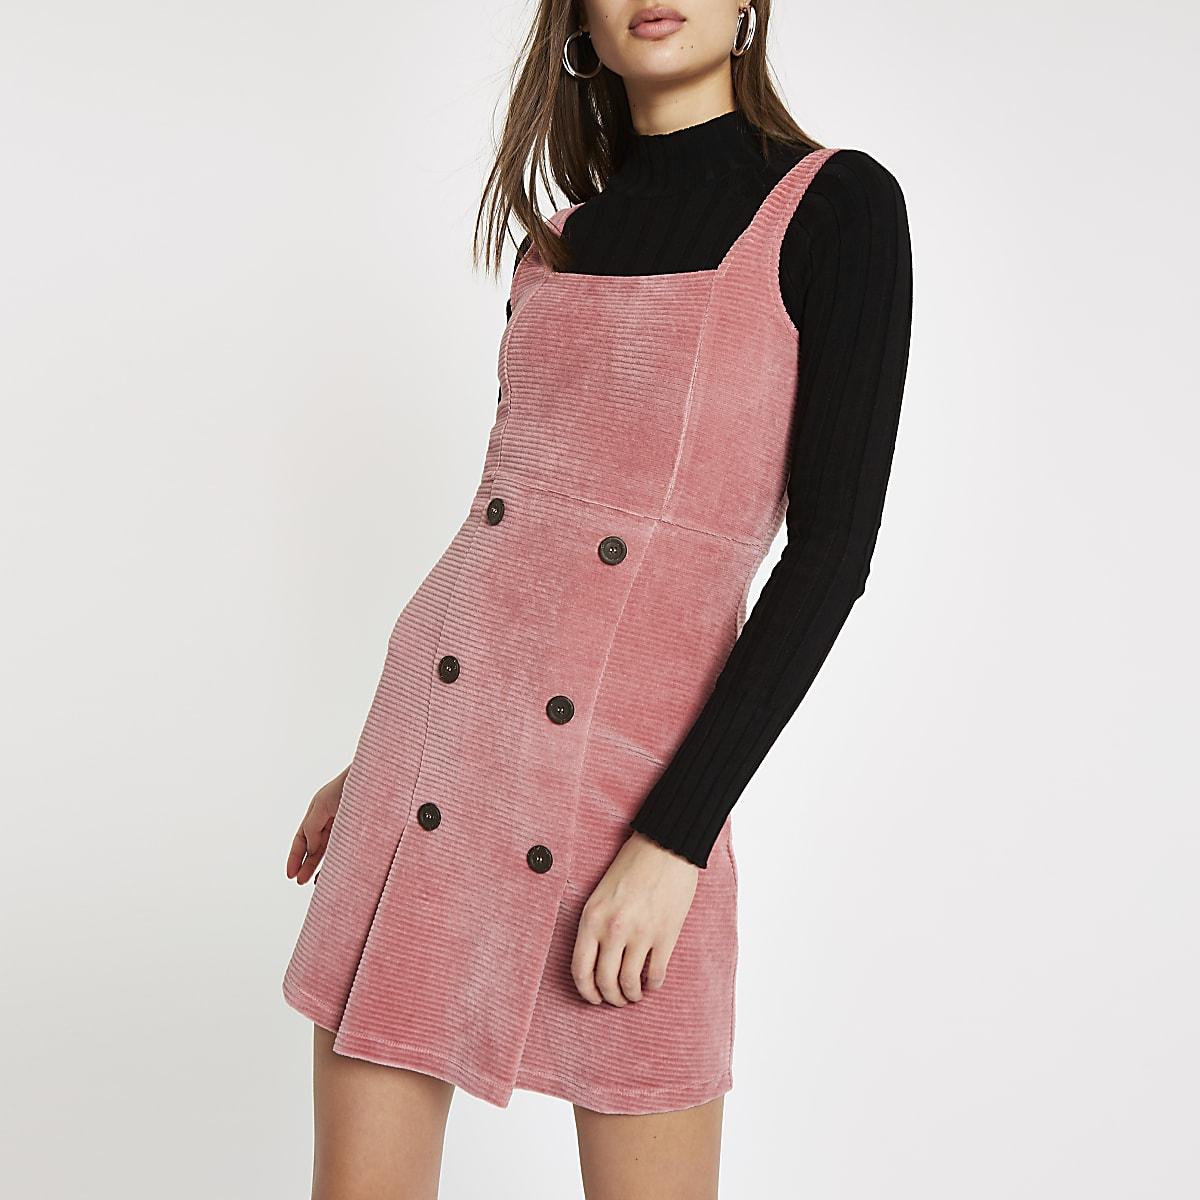 Roze corduroy overgooier met knopen voor